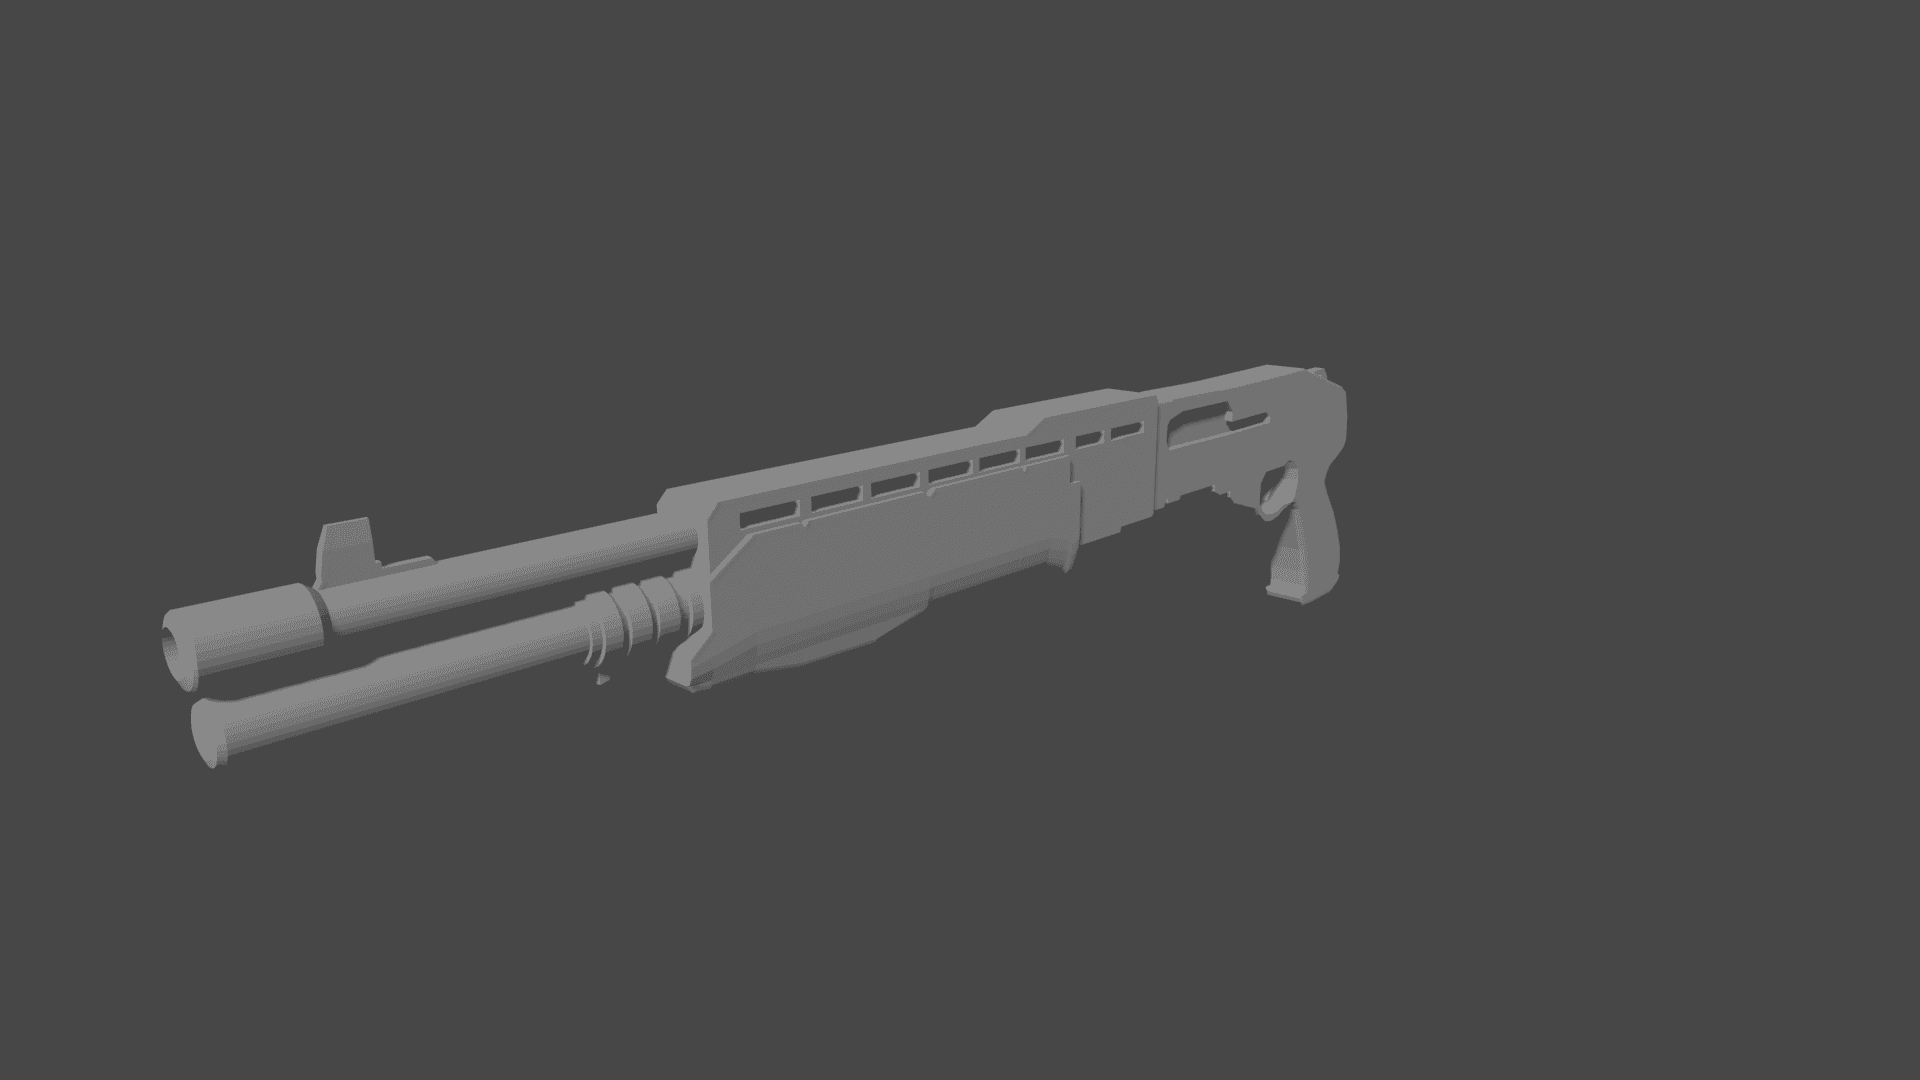 1 | Зацените мой SPAS-12 Shotgun и Sten Mk2